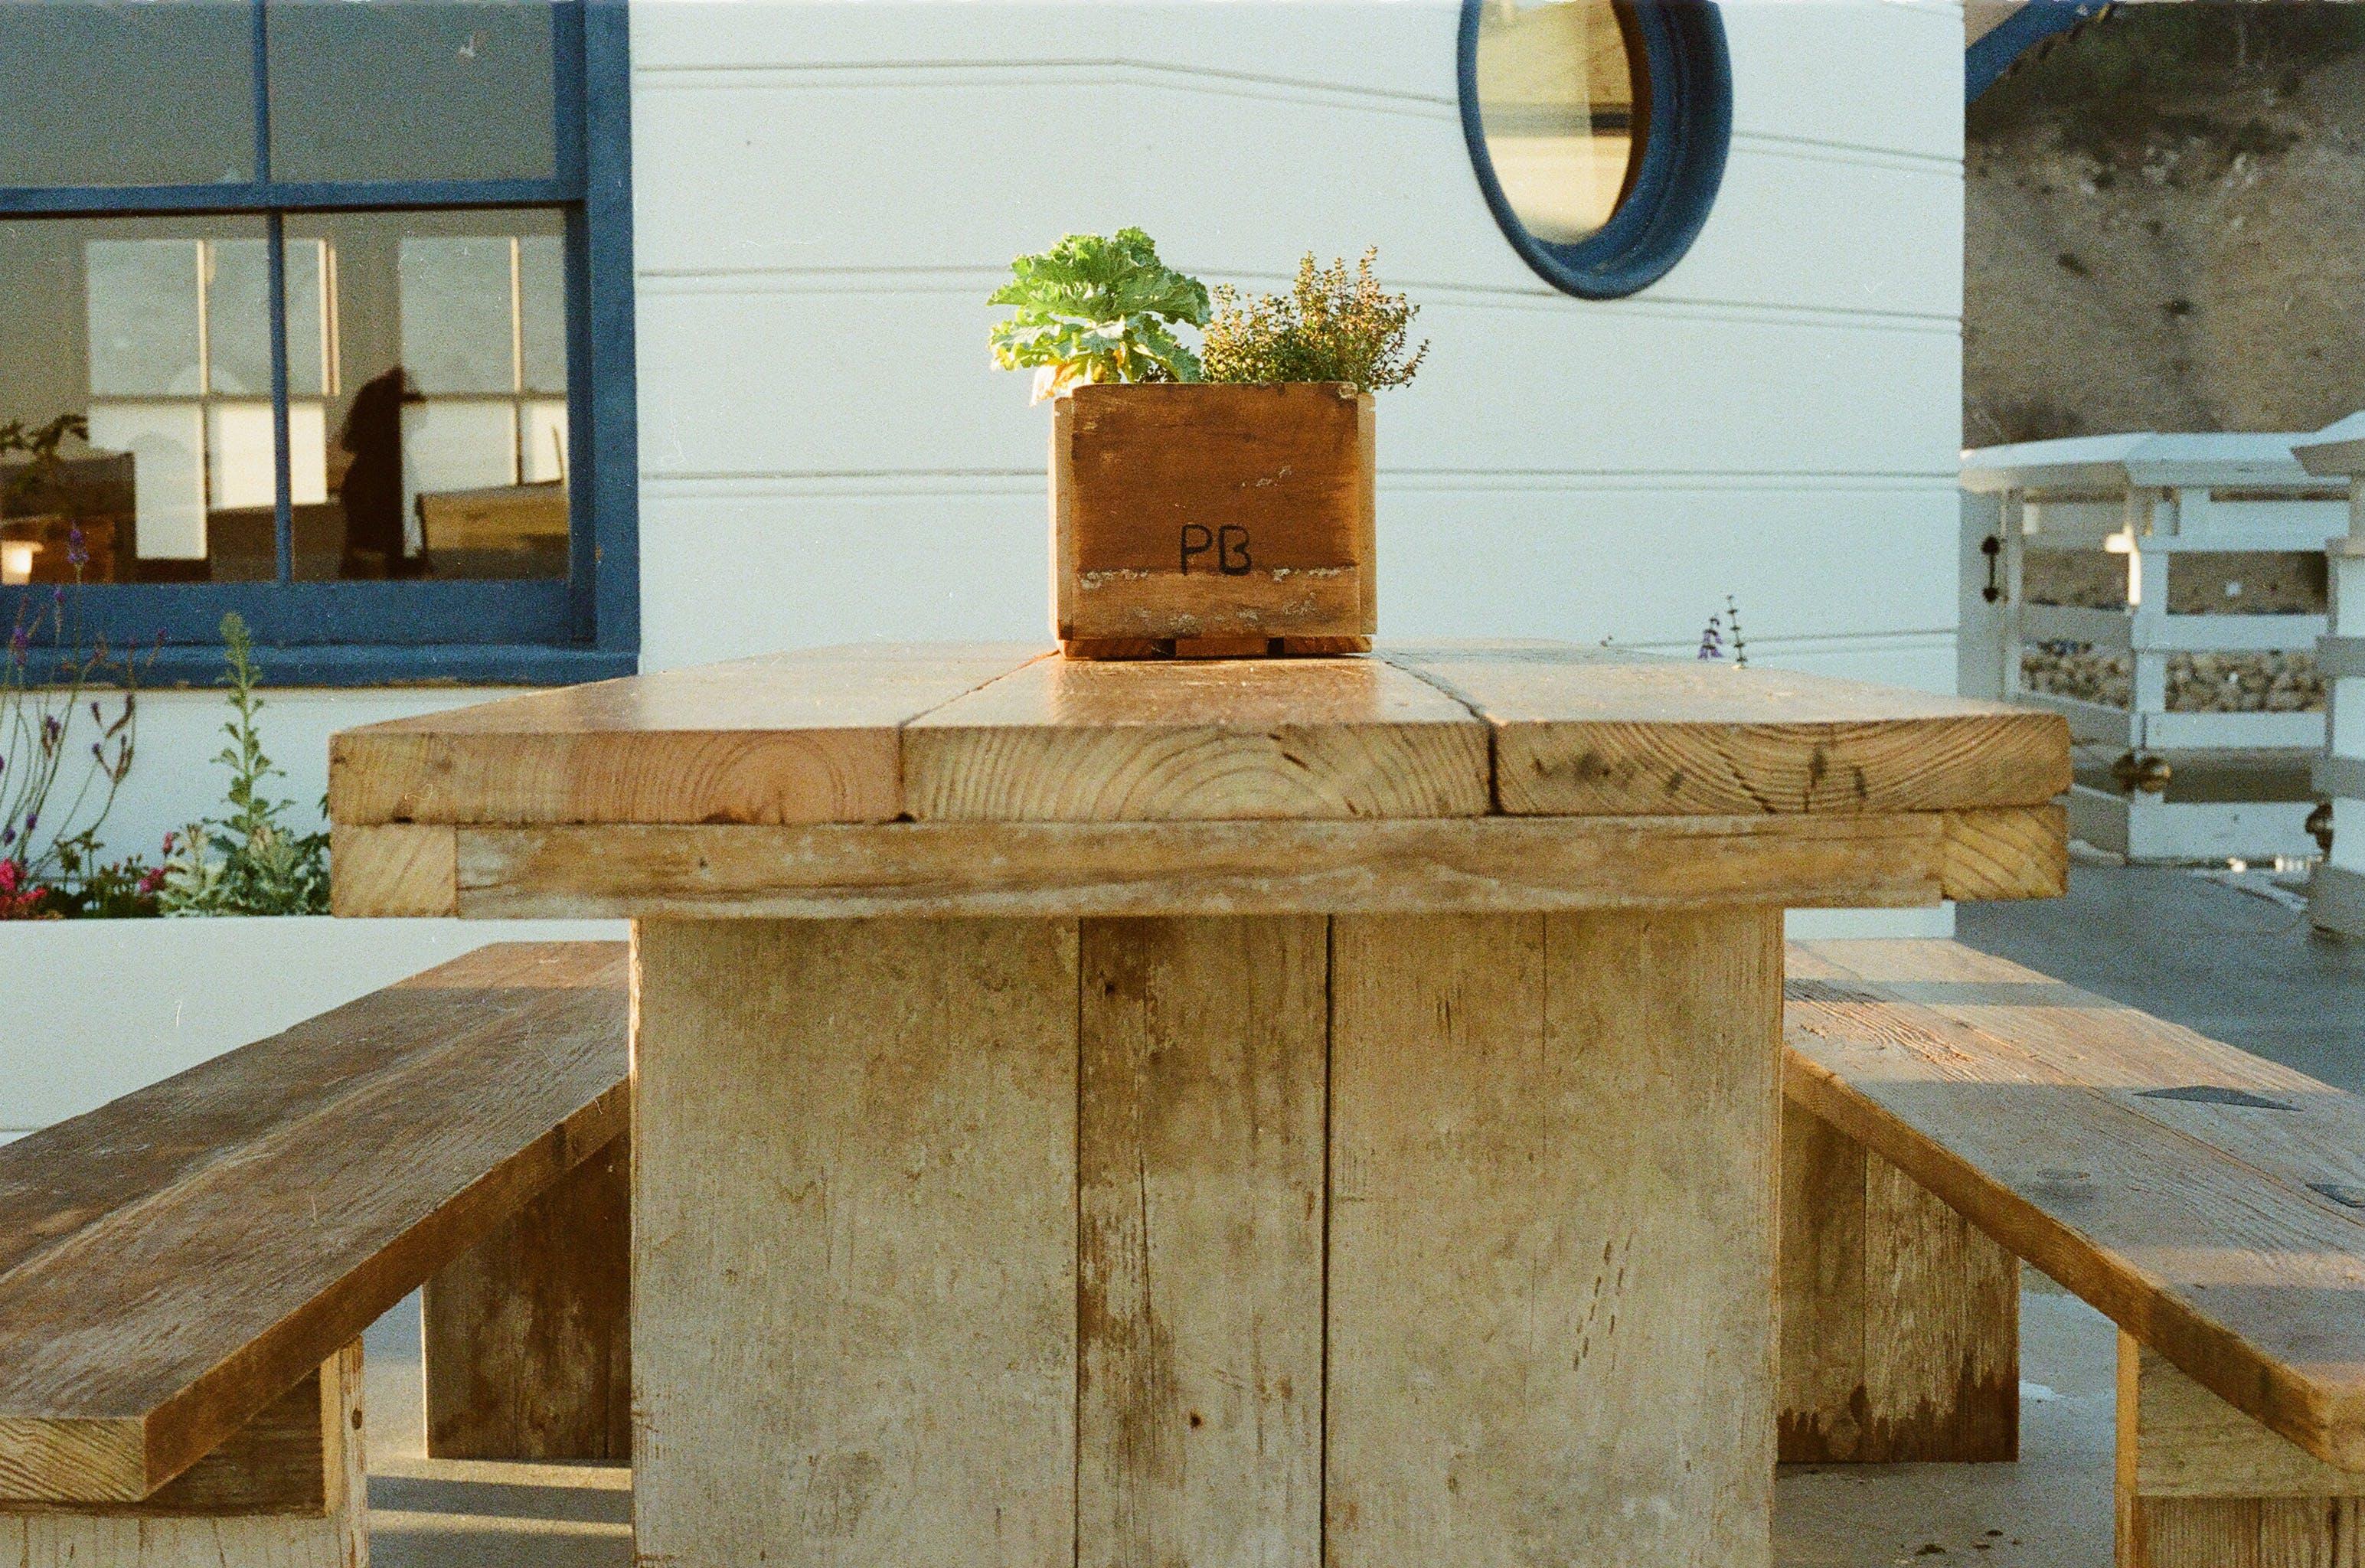 bench, flowerpot, seat